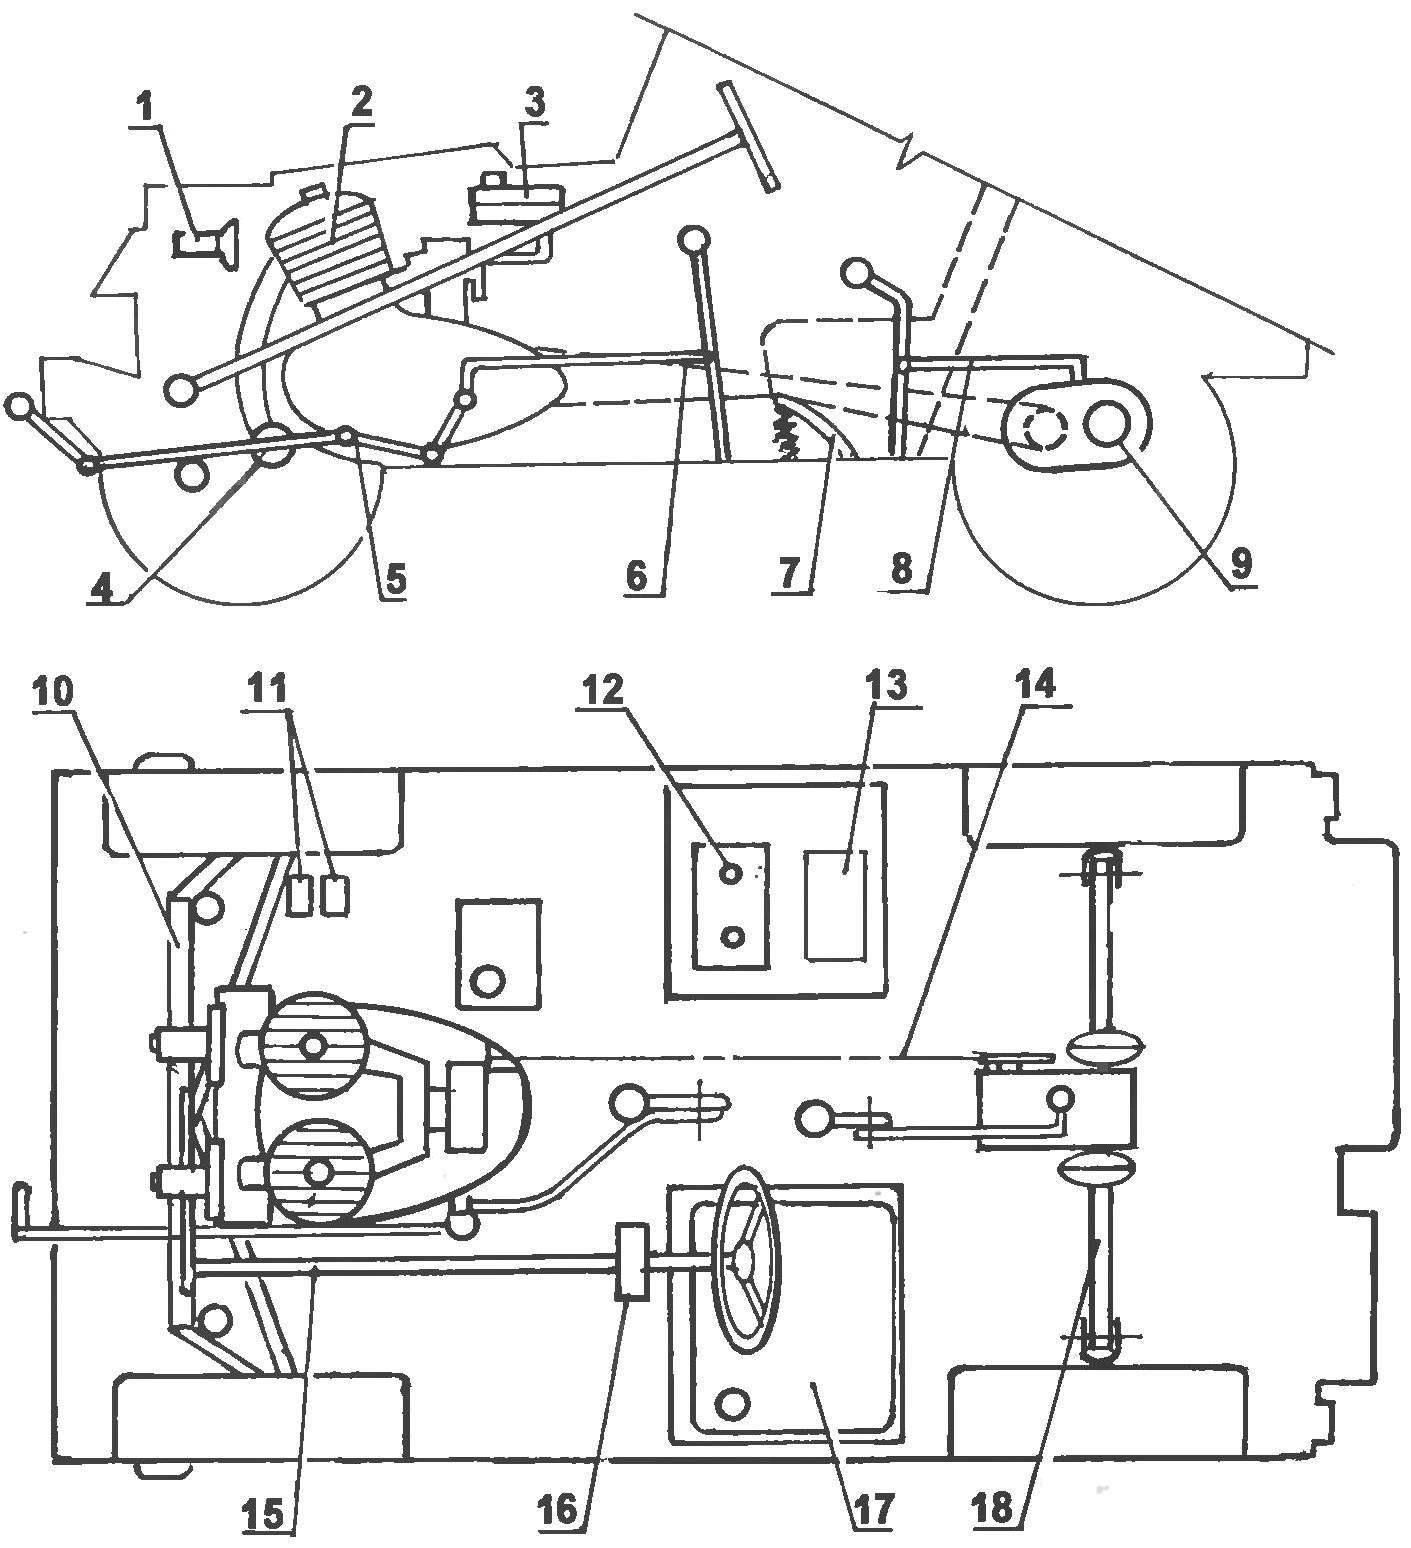 Компоновка основных узлов и агрегатов